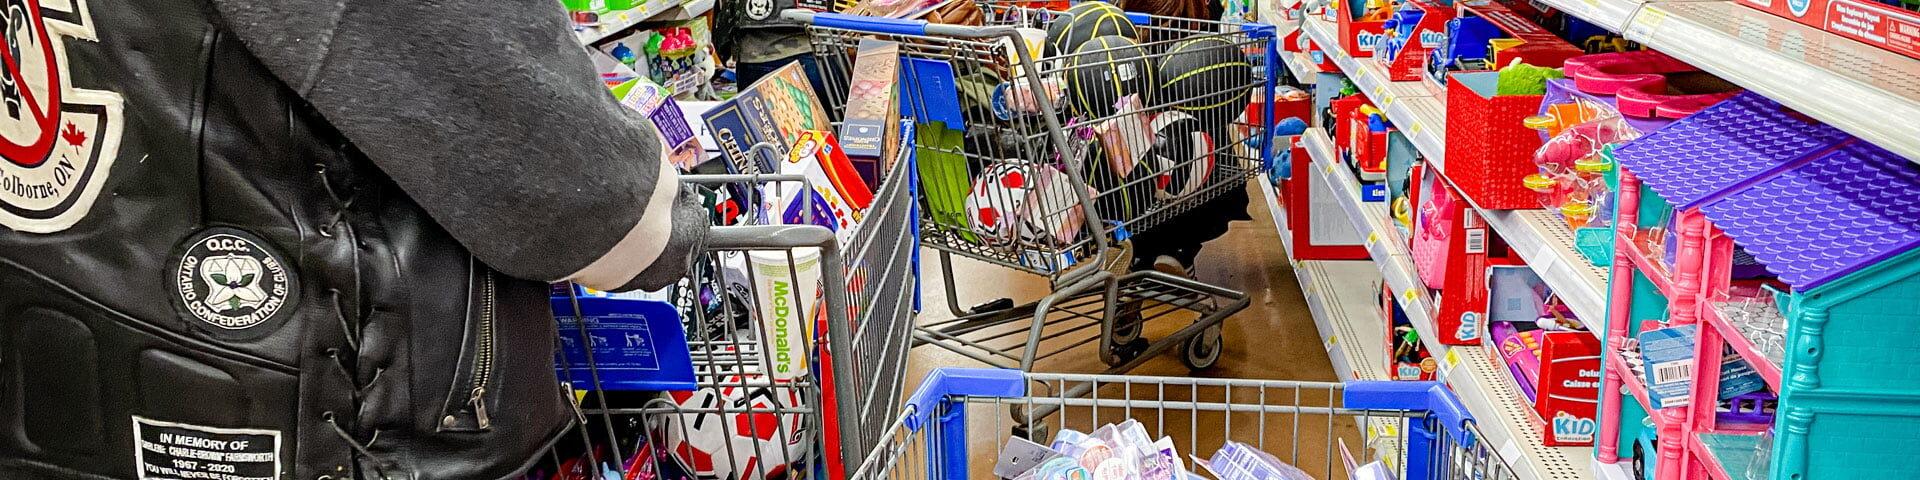 NBS Shopping Trip 2020